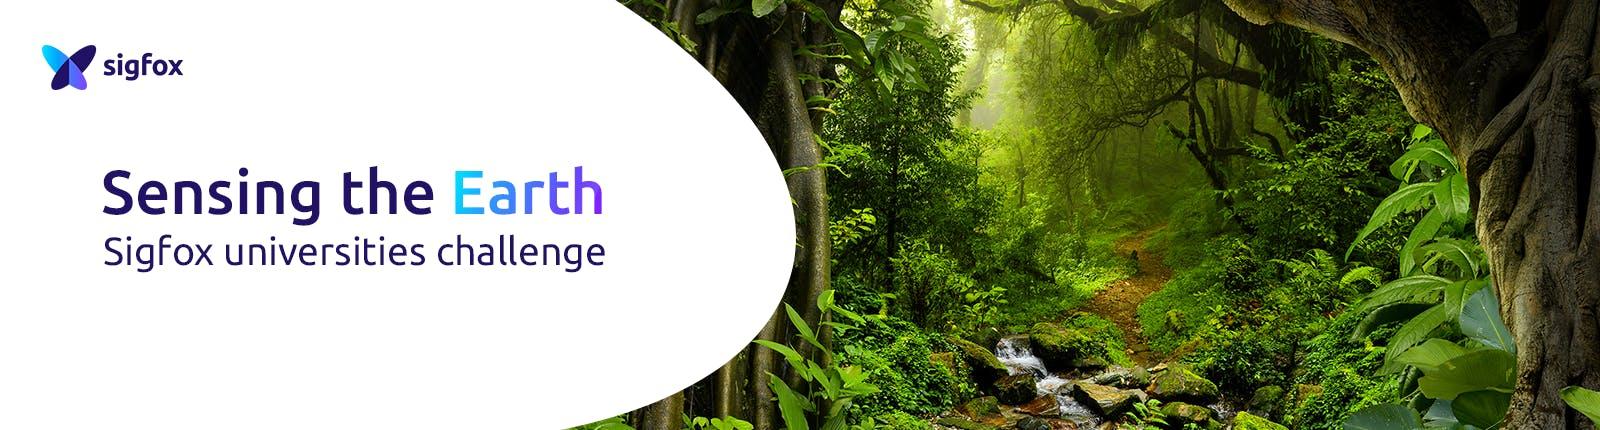 jungle-desktop.png